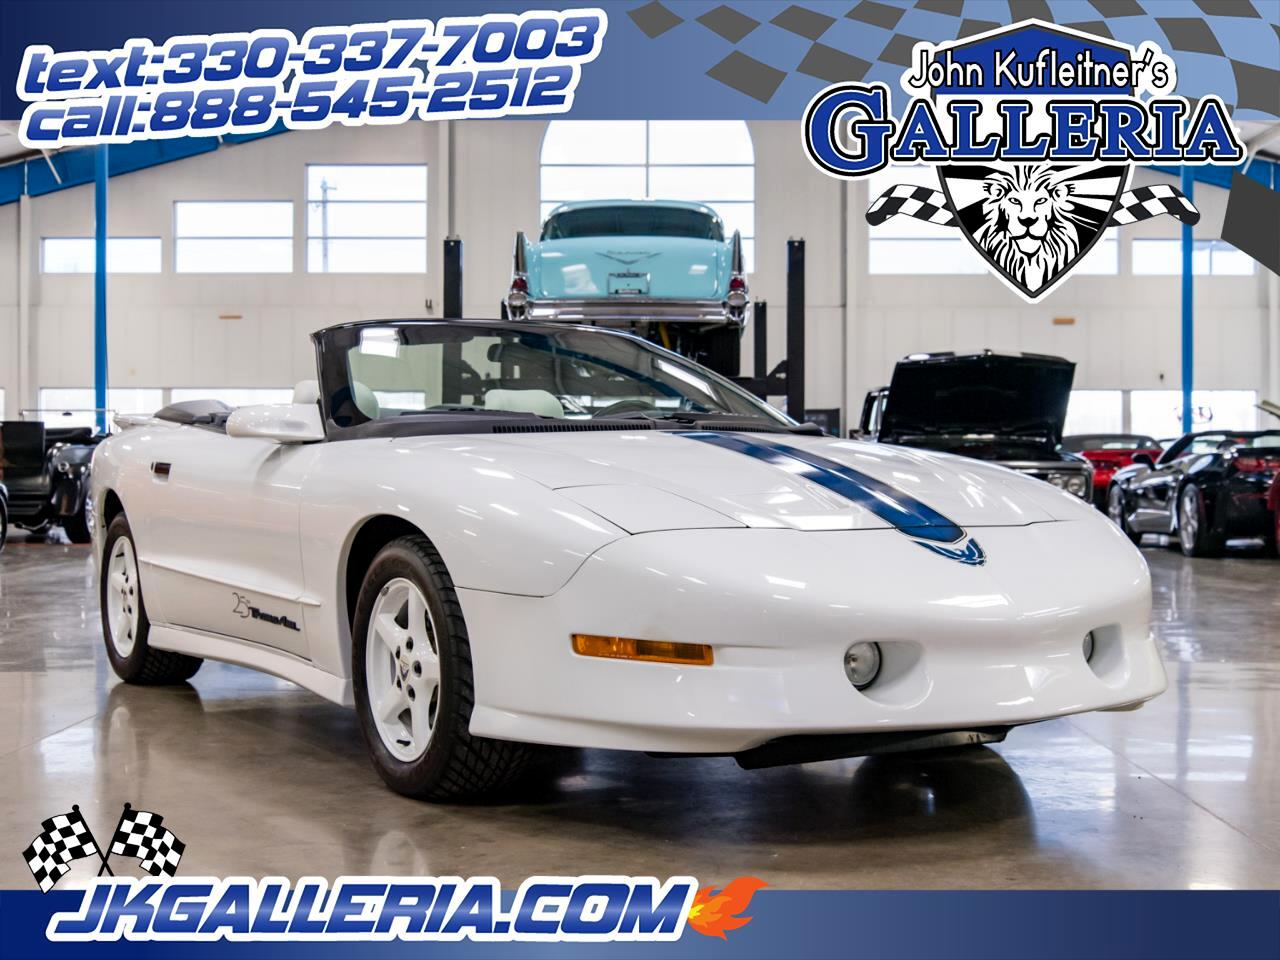 1994 Pontiac Firebird 2dr Trans Am GT Convertible